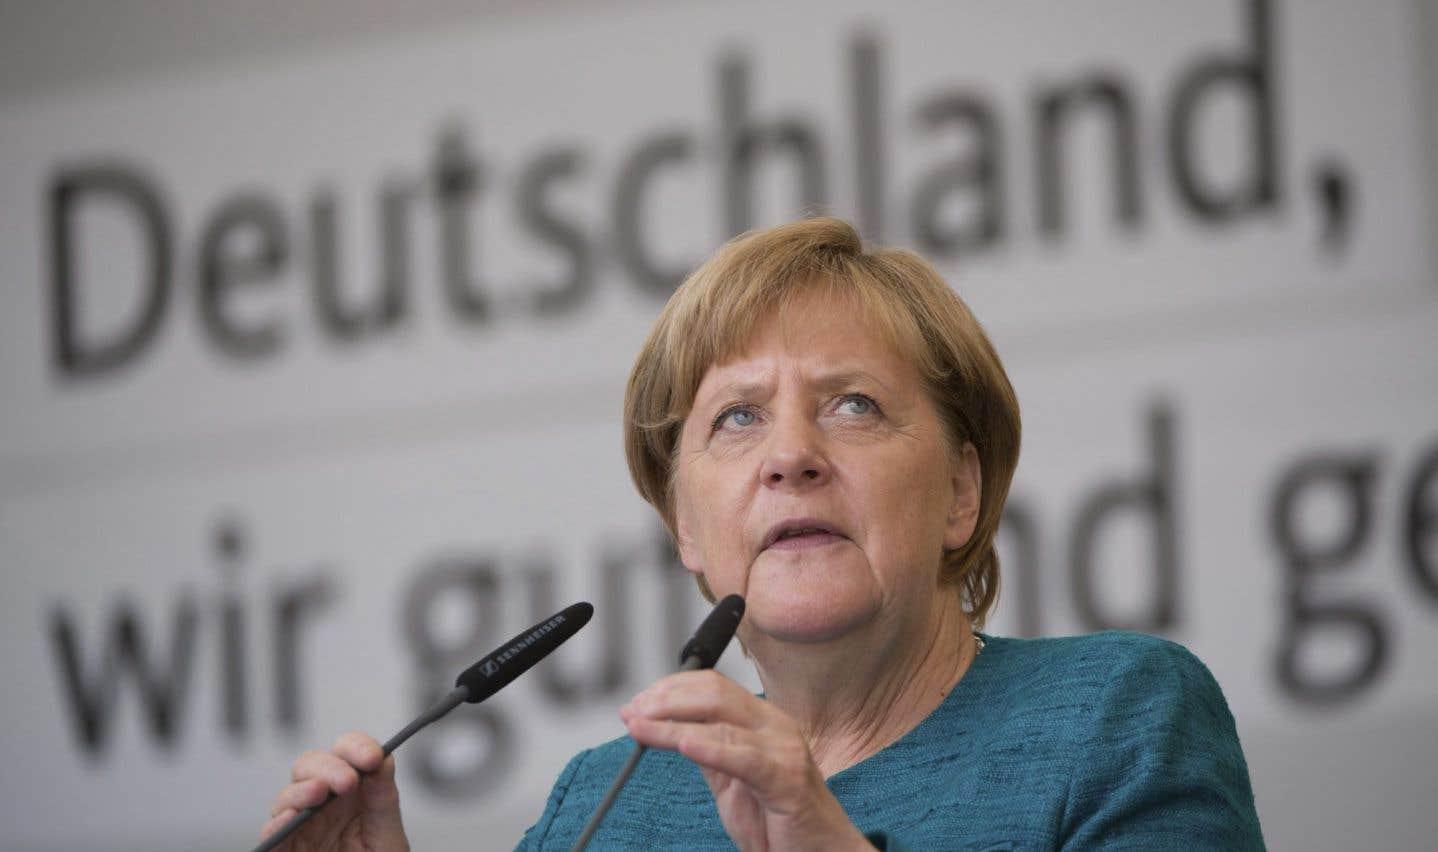 Après la crise, Merkel veut redonner «confiance» au public